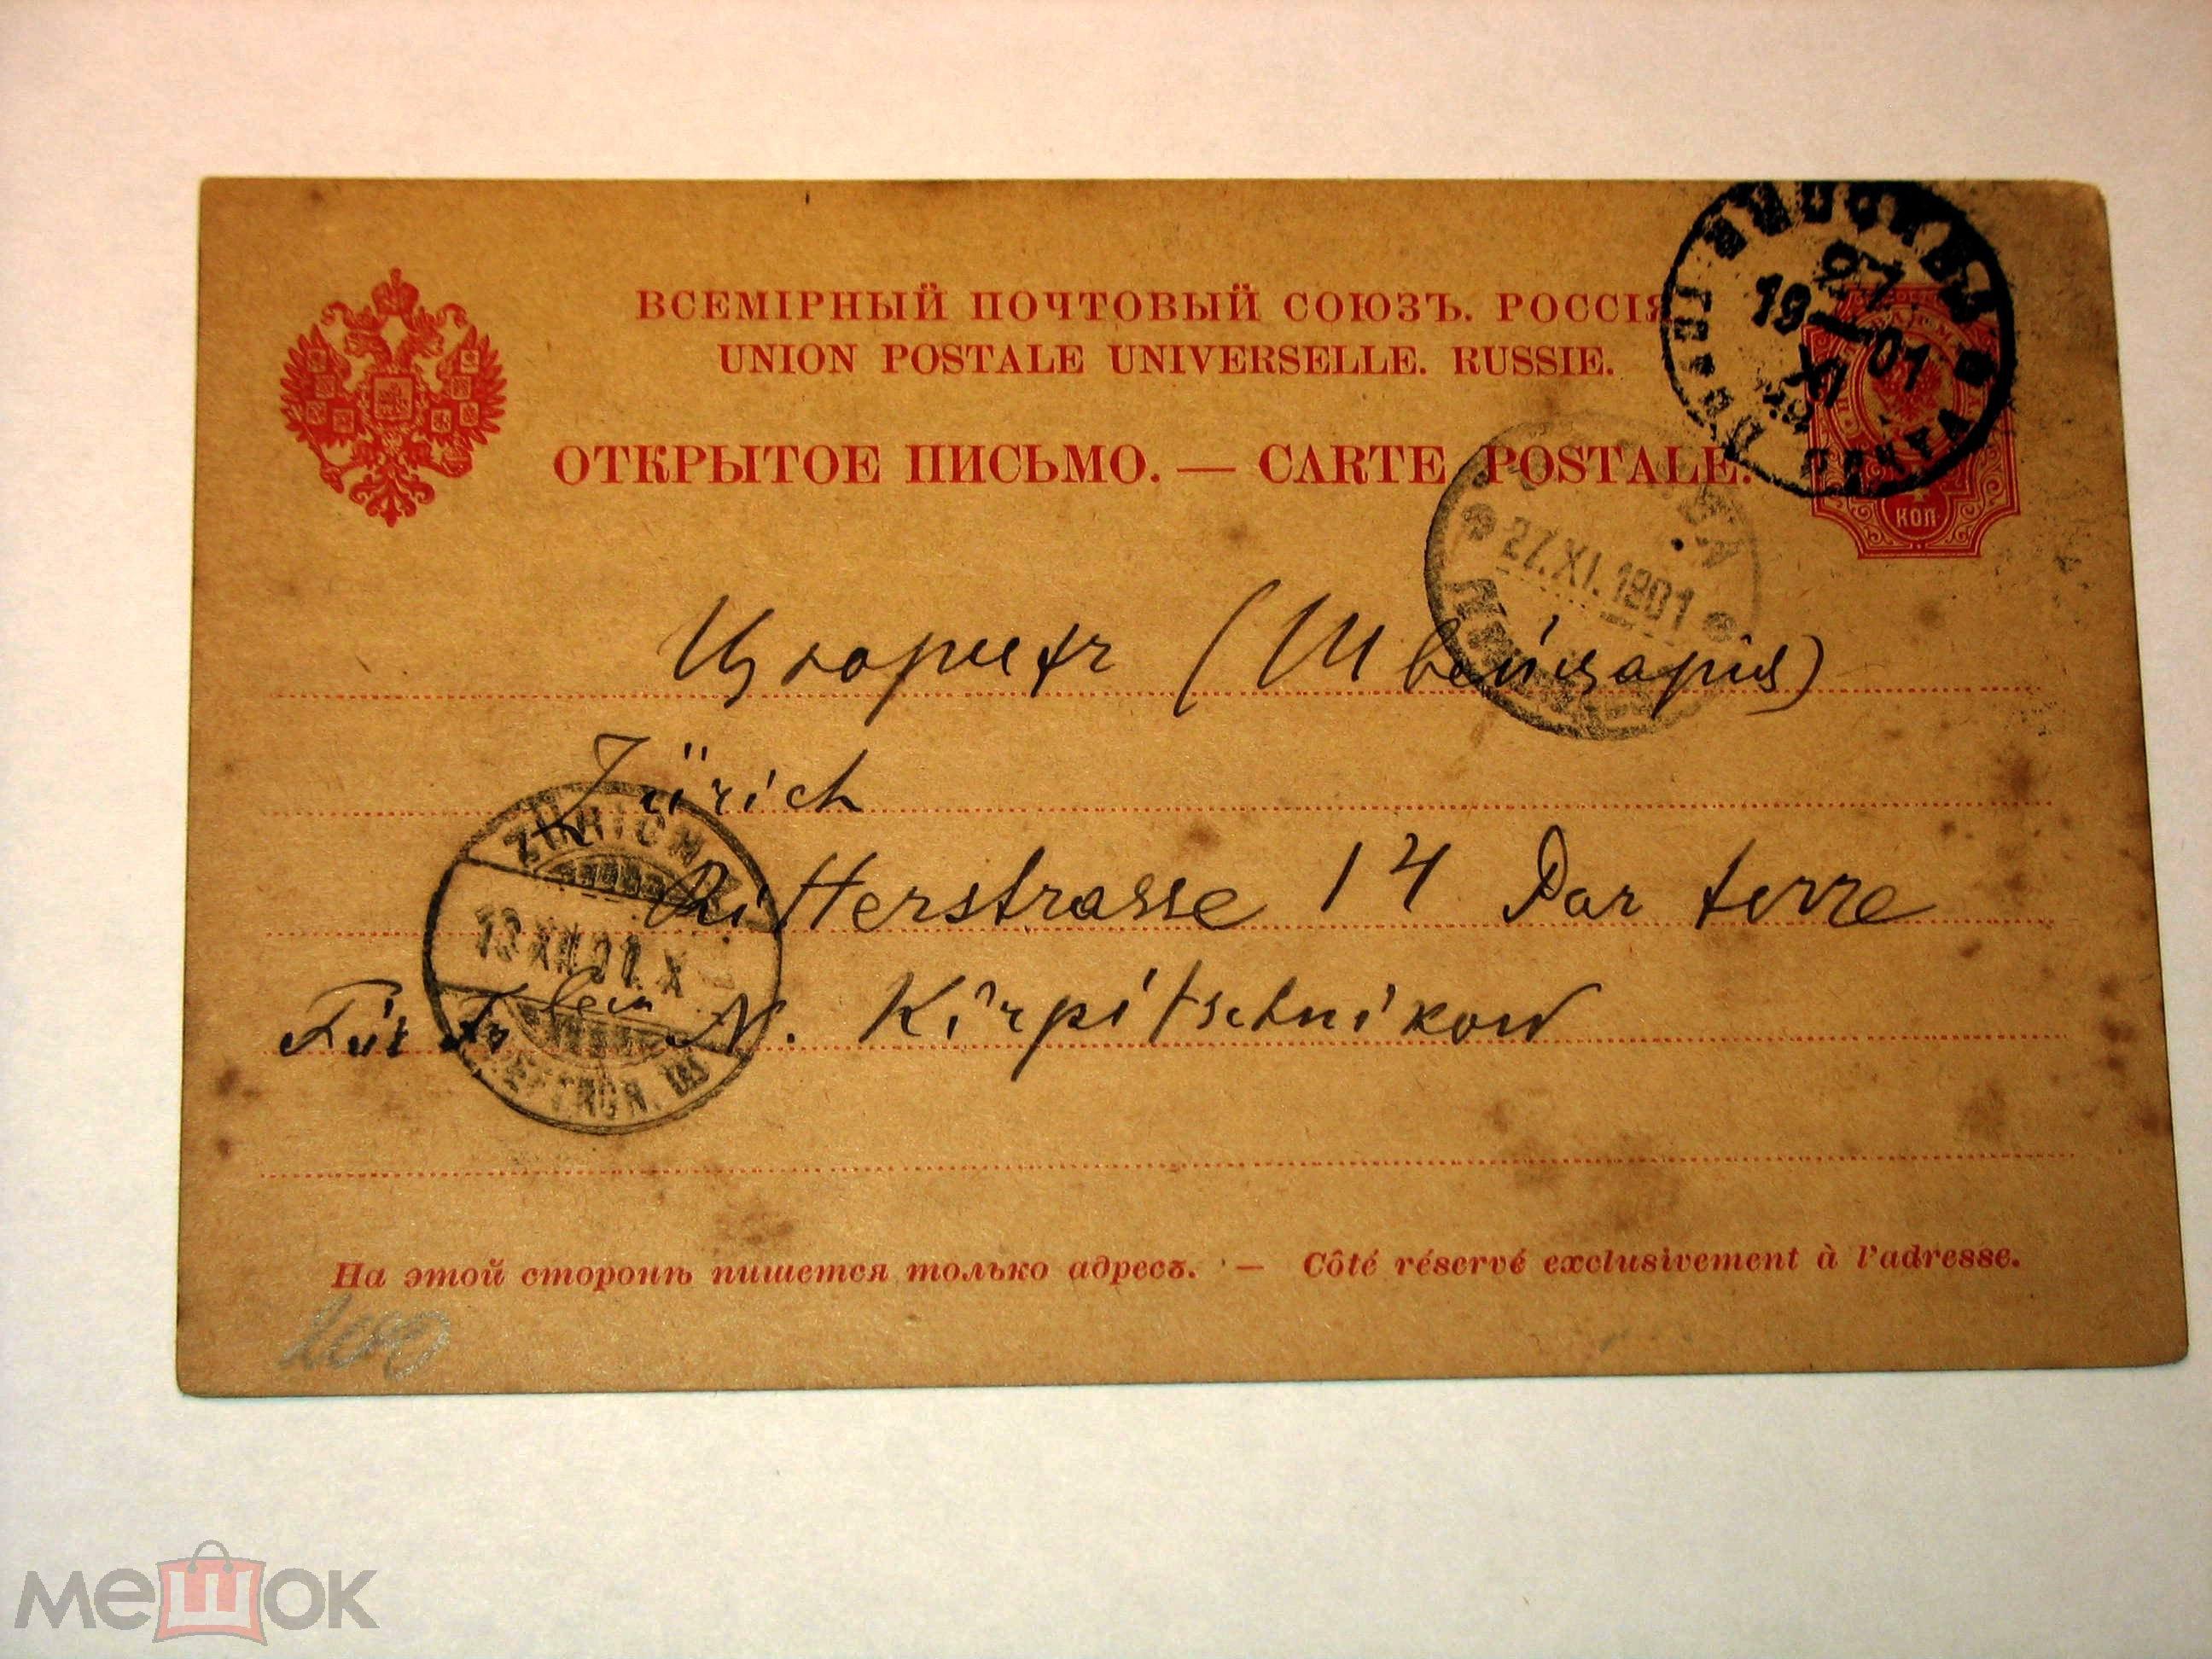 Открытки открытое письмо до 1917 года, нежные объятия влюбленных